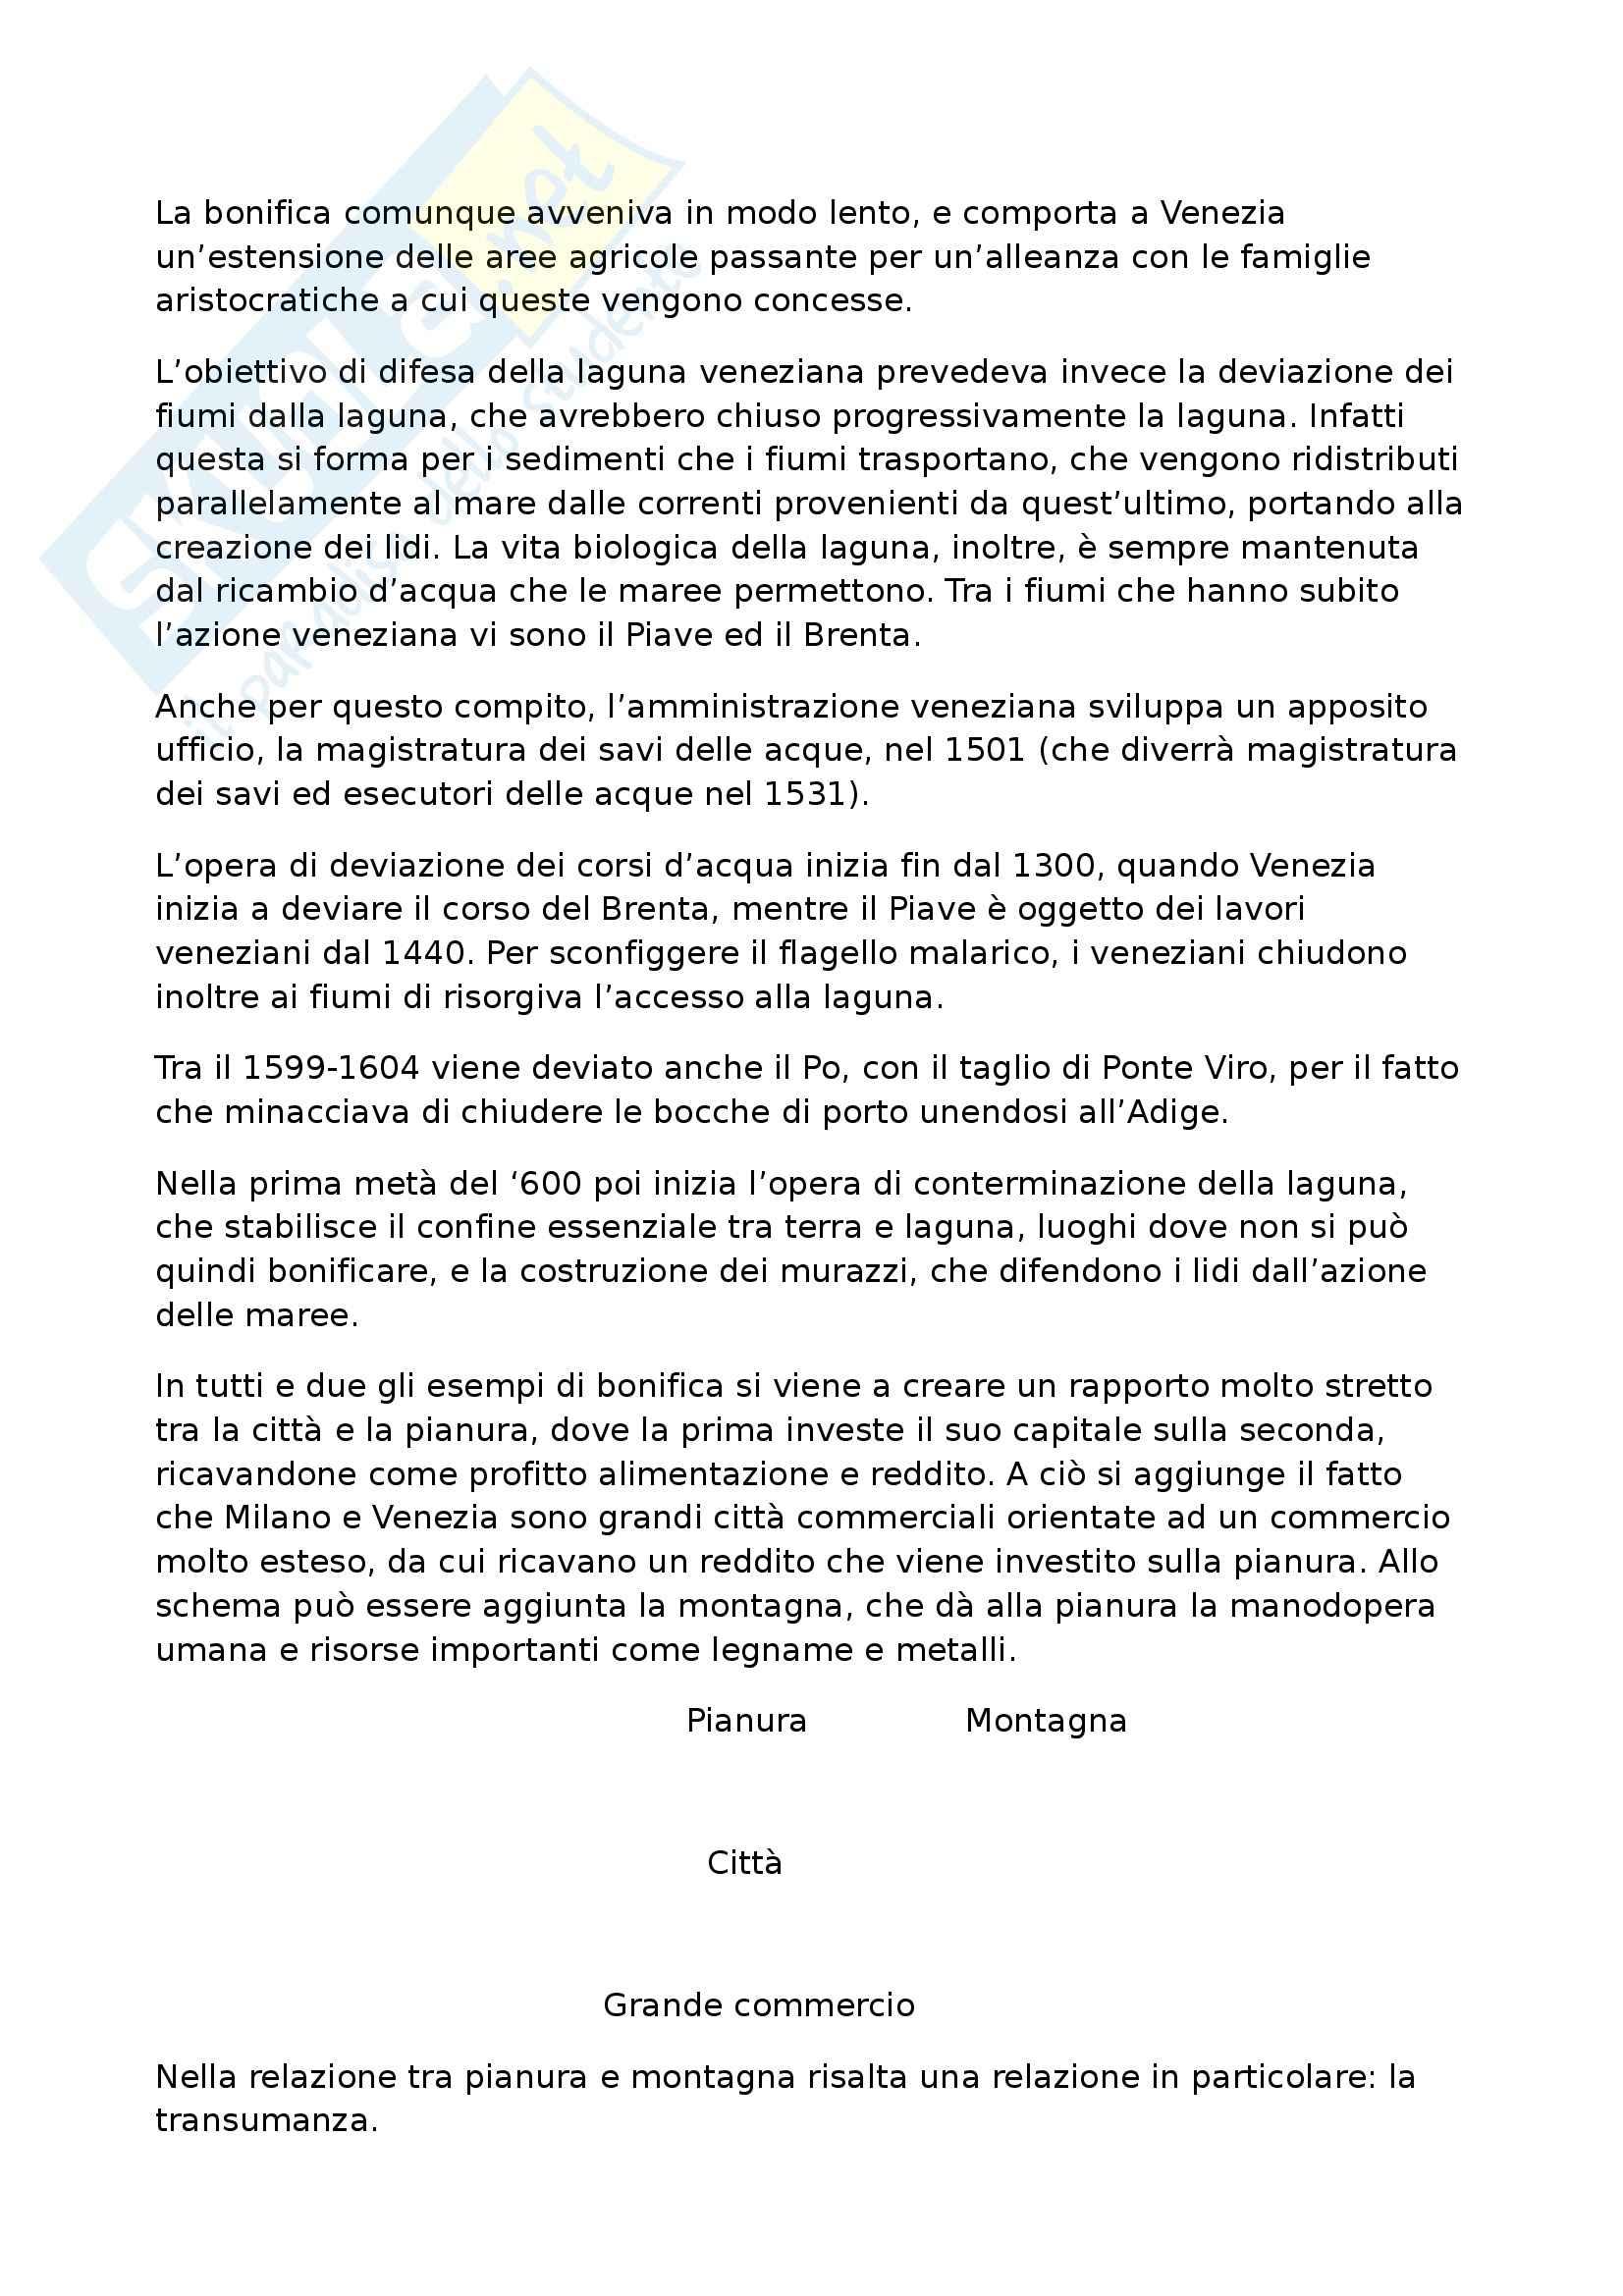 Riassunto esame Geografia Storica, prof. Pase, libro consigliato Civiltà ed Imperi del Mediterraneo nell'Età di Filippo II, Braudel Pag. 11